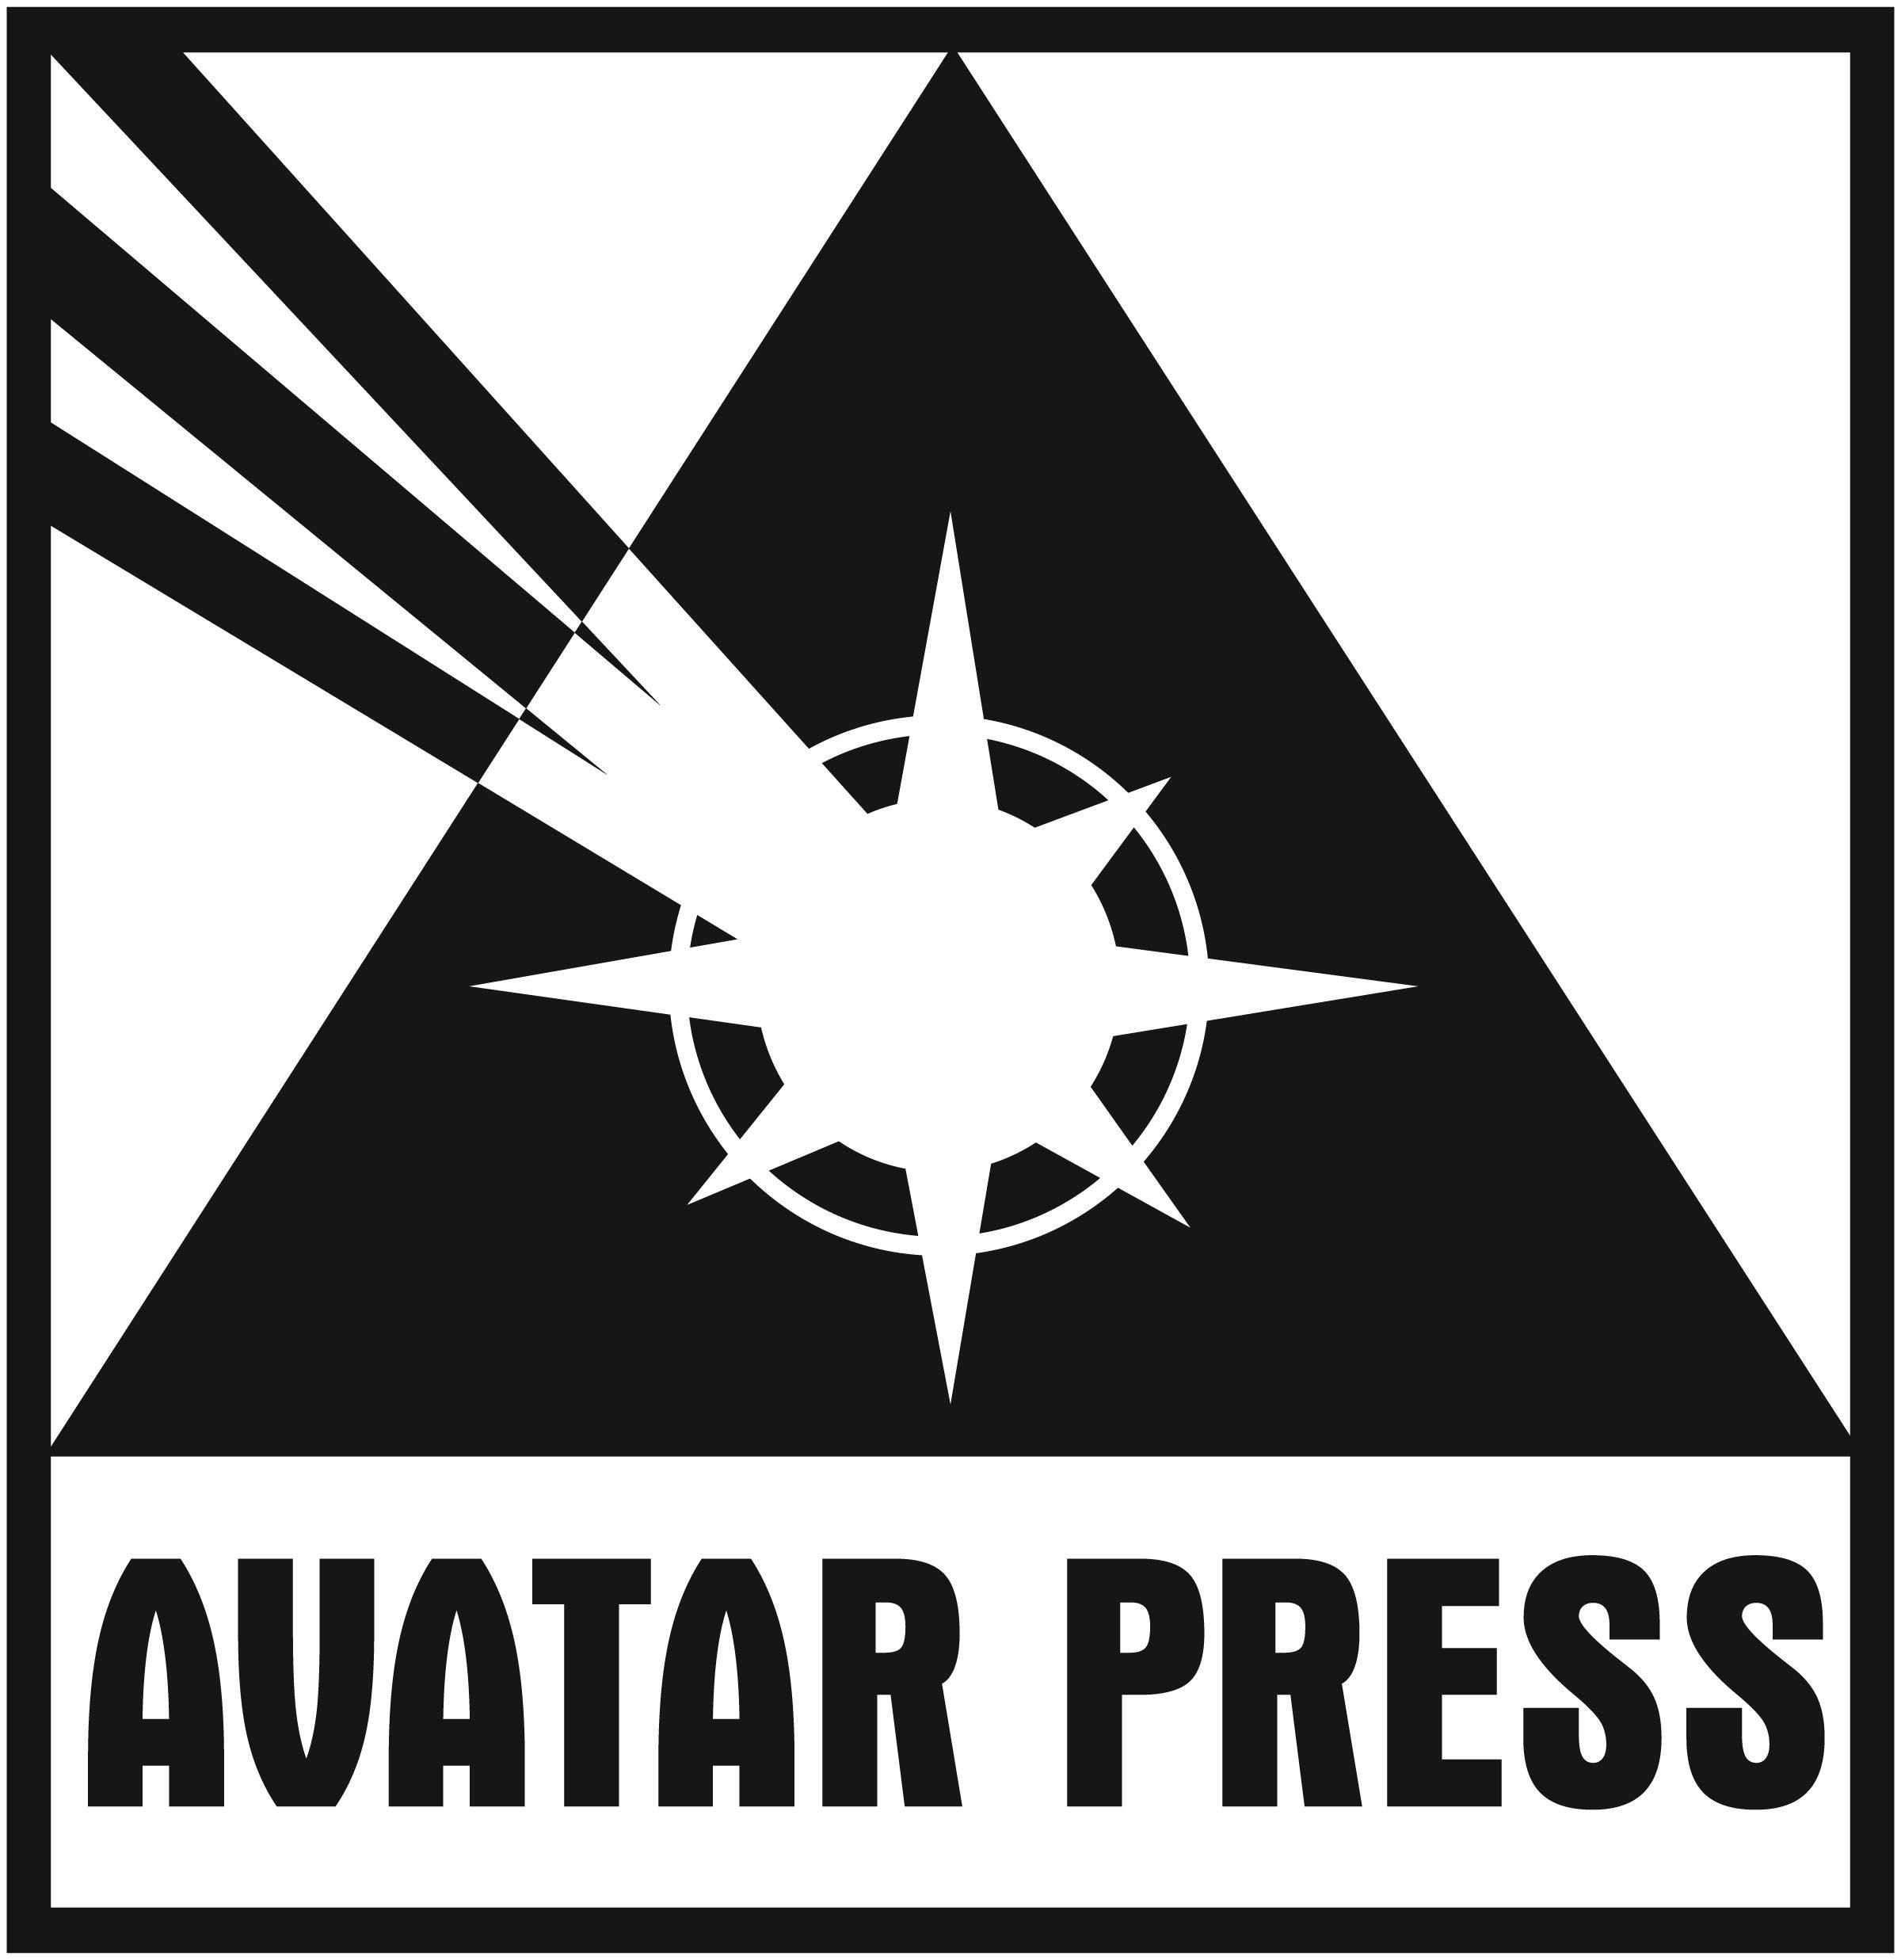 Avatar Press Inc